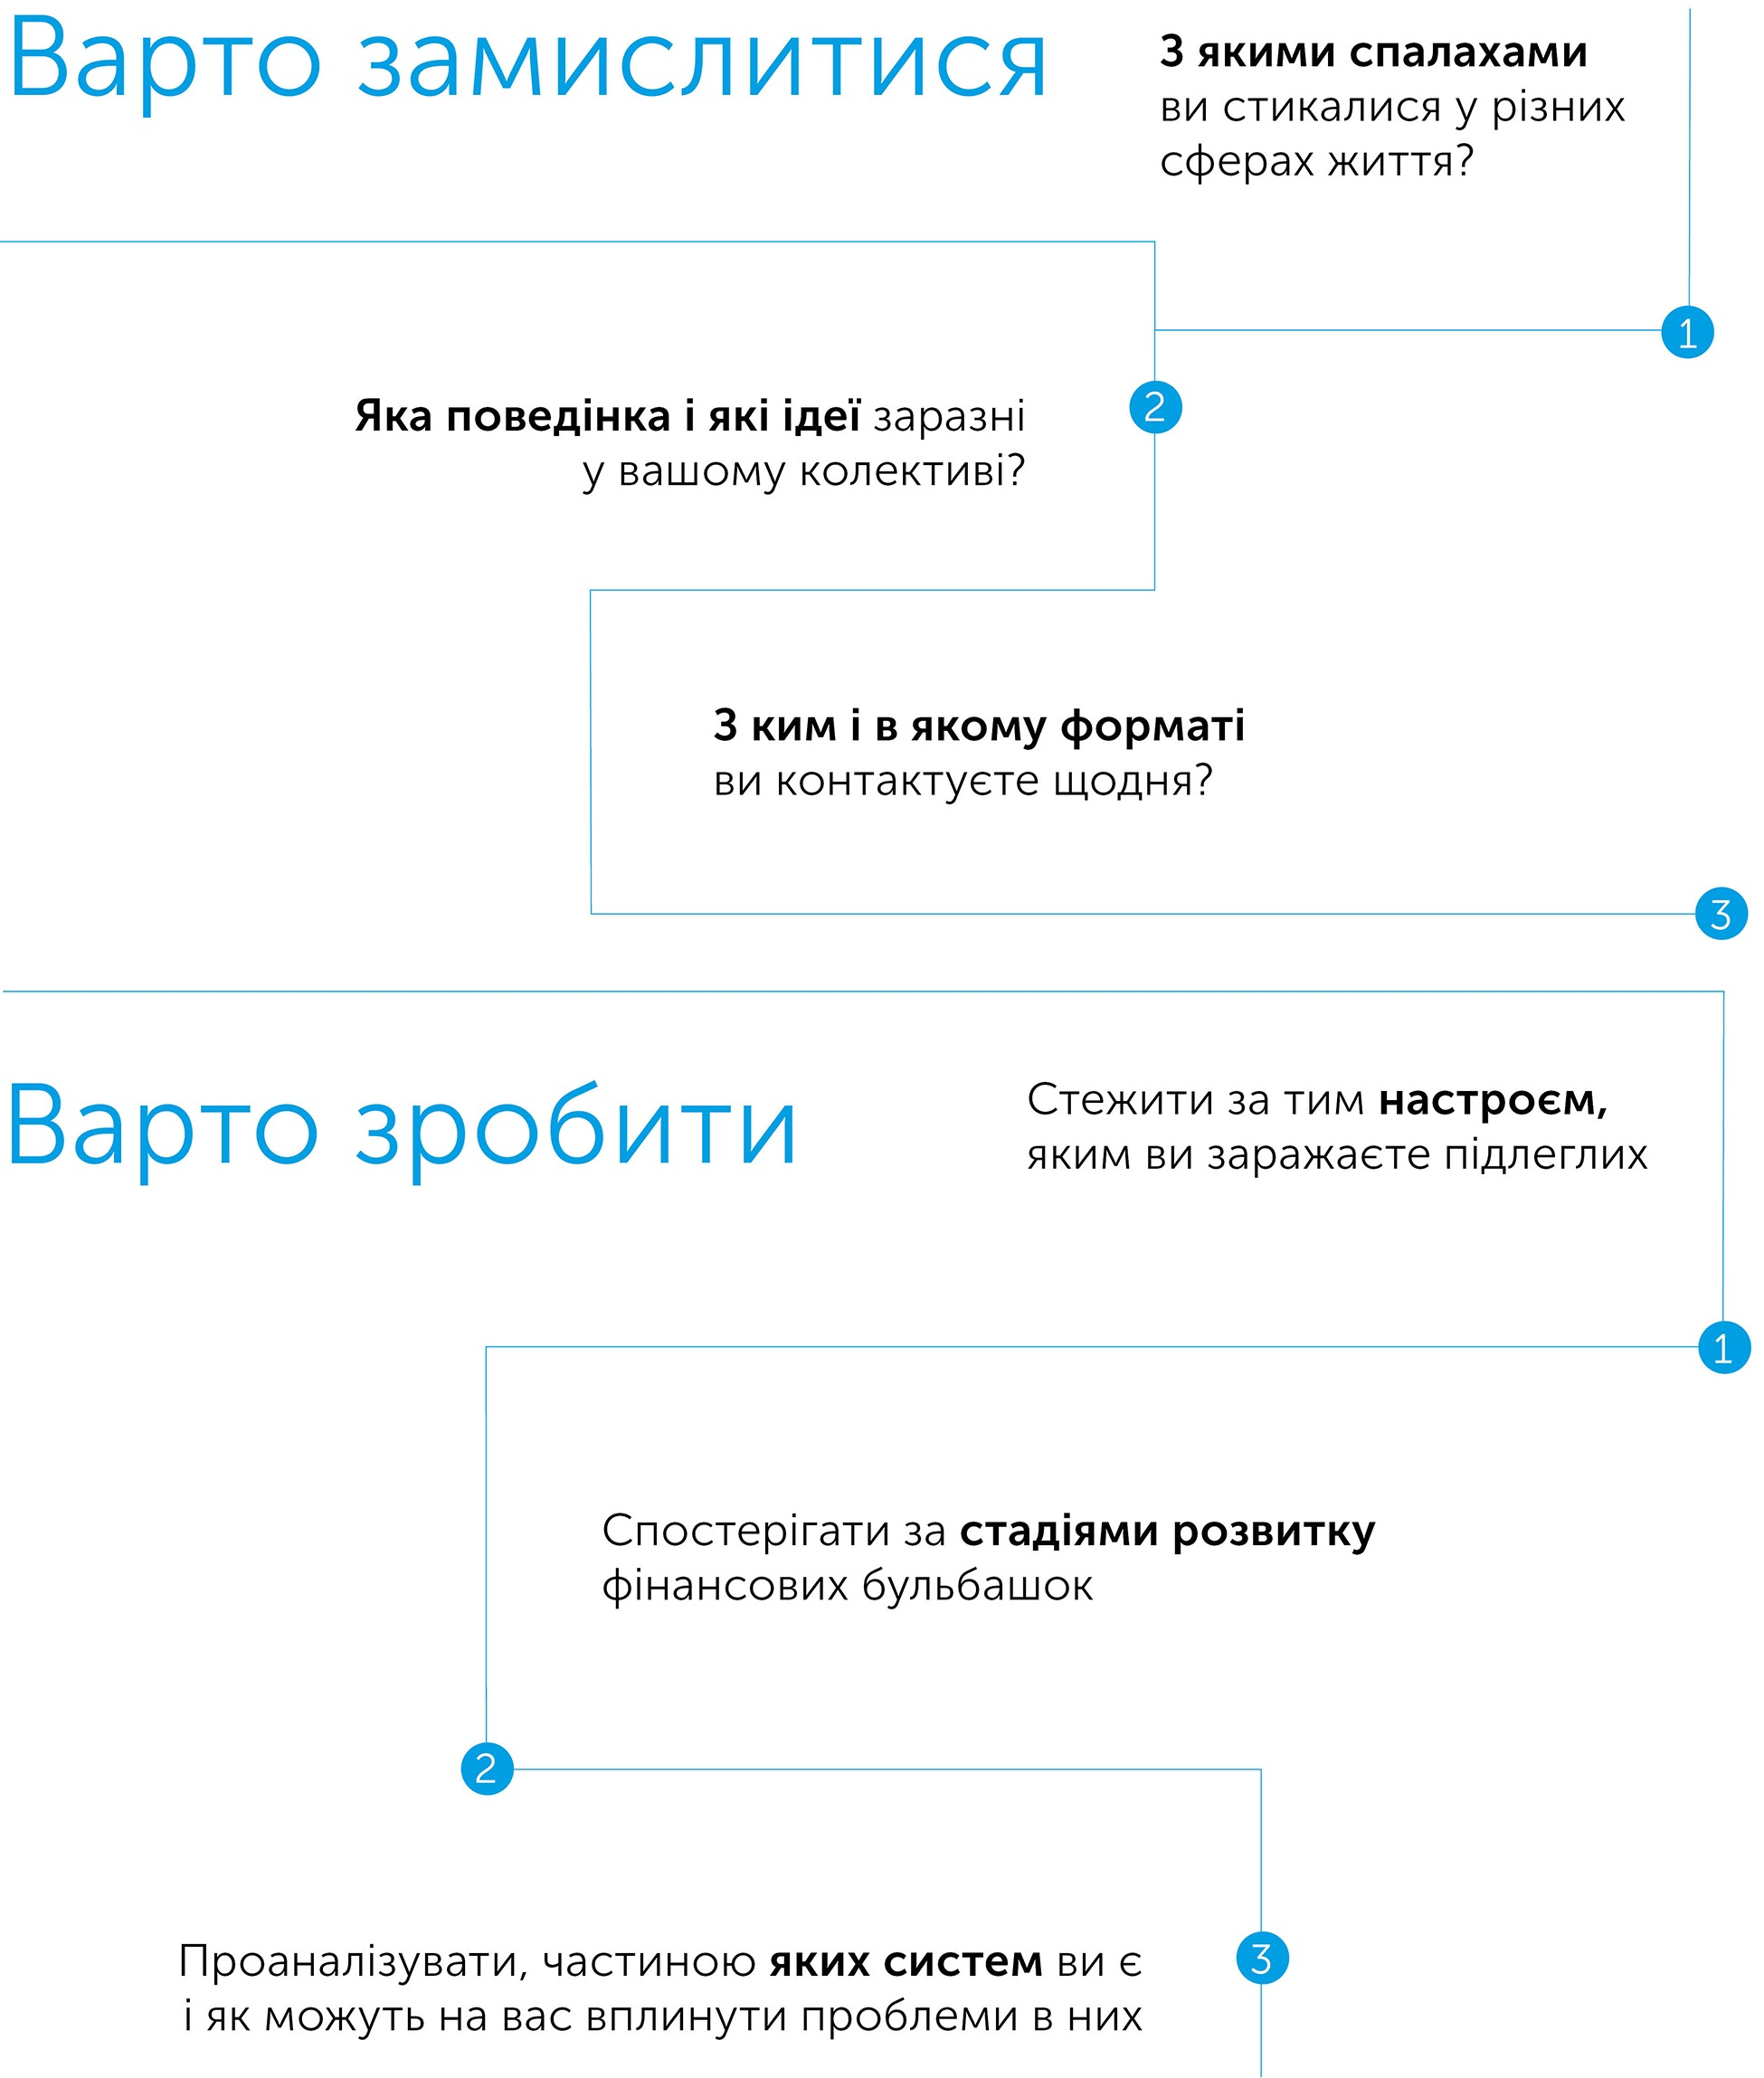 Правила зараження, автор Адам Кучарські   Kyivstar Business Hub, зображення №4